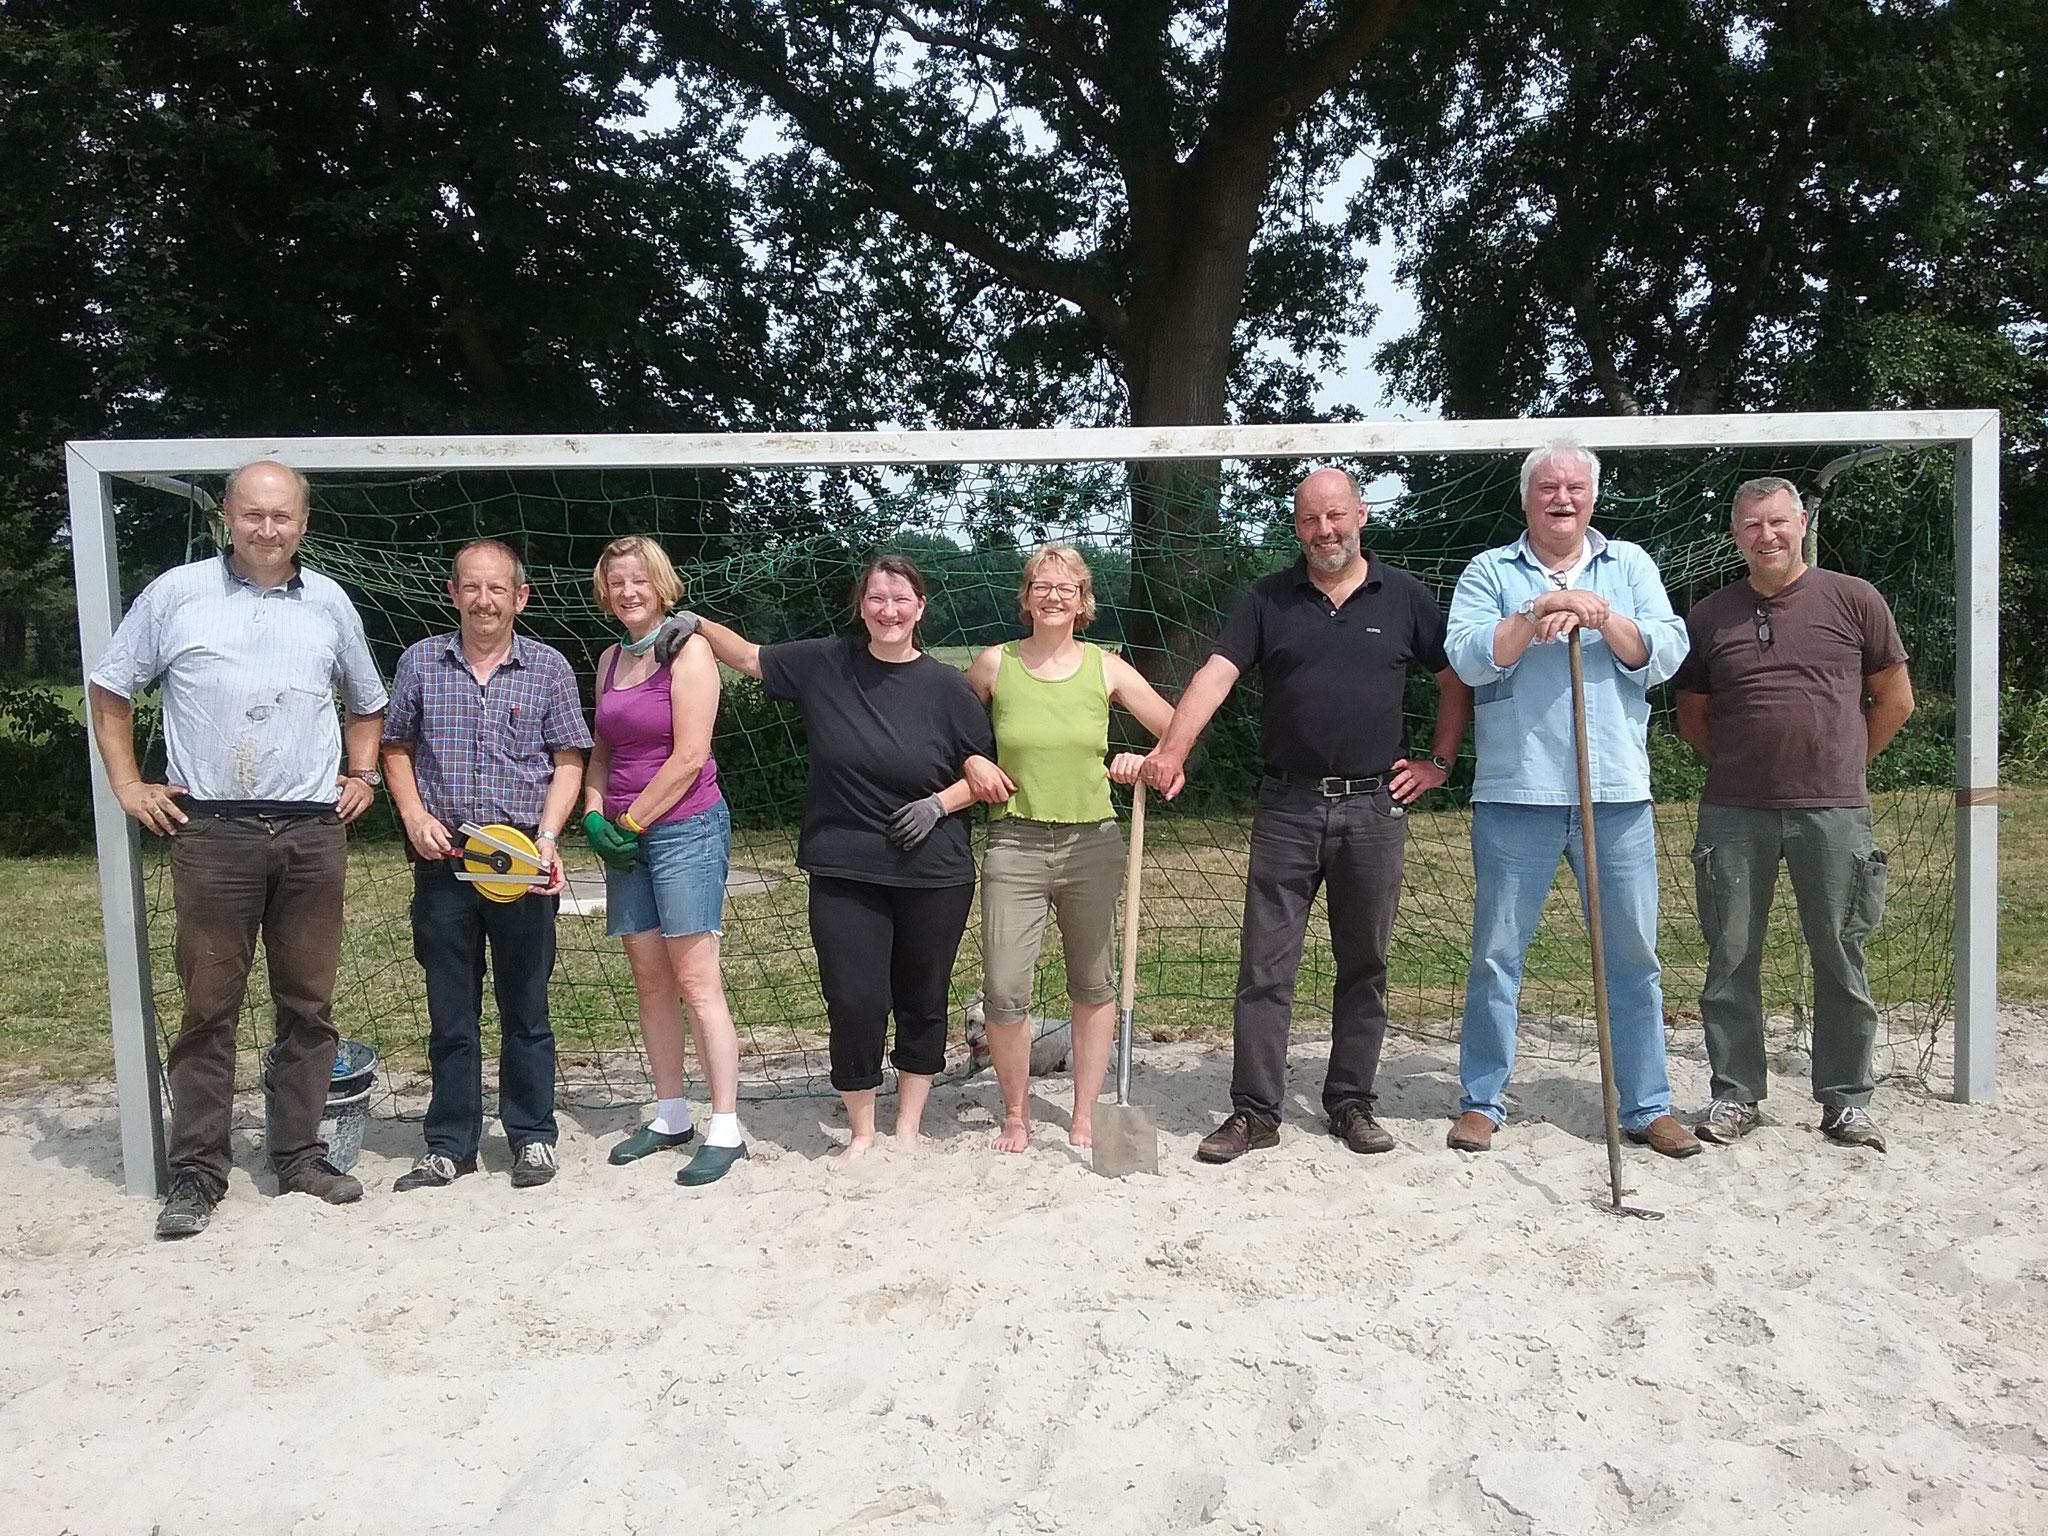 Vollen Einsatz zeigten die Vorstandsmitglieder des SV WUW, die an zwei Sonnabenden die Beachplätze und den Sportplatz mit Traktor, Walze und ganz viel Handarbeit herrichteten. Nun sind die Beachplätze und der Sportplatz bereit!